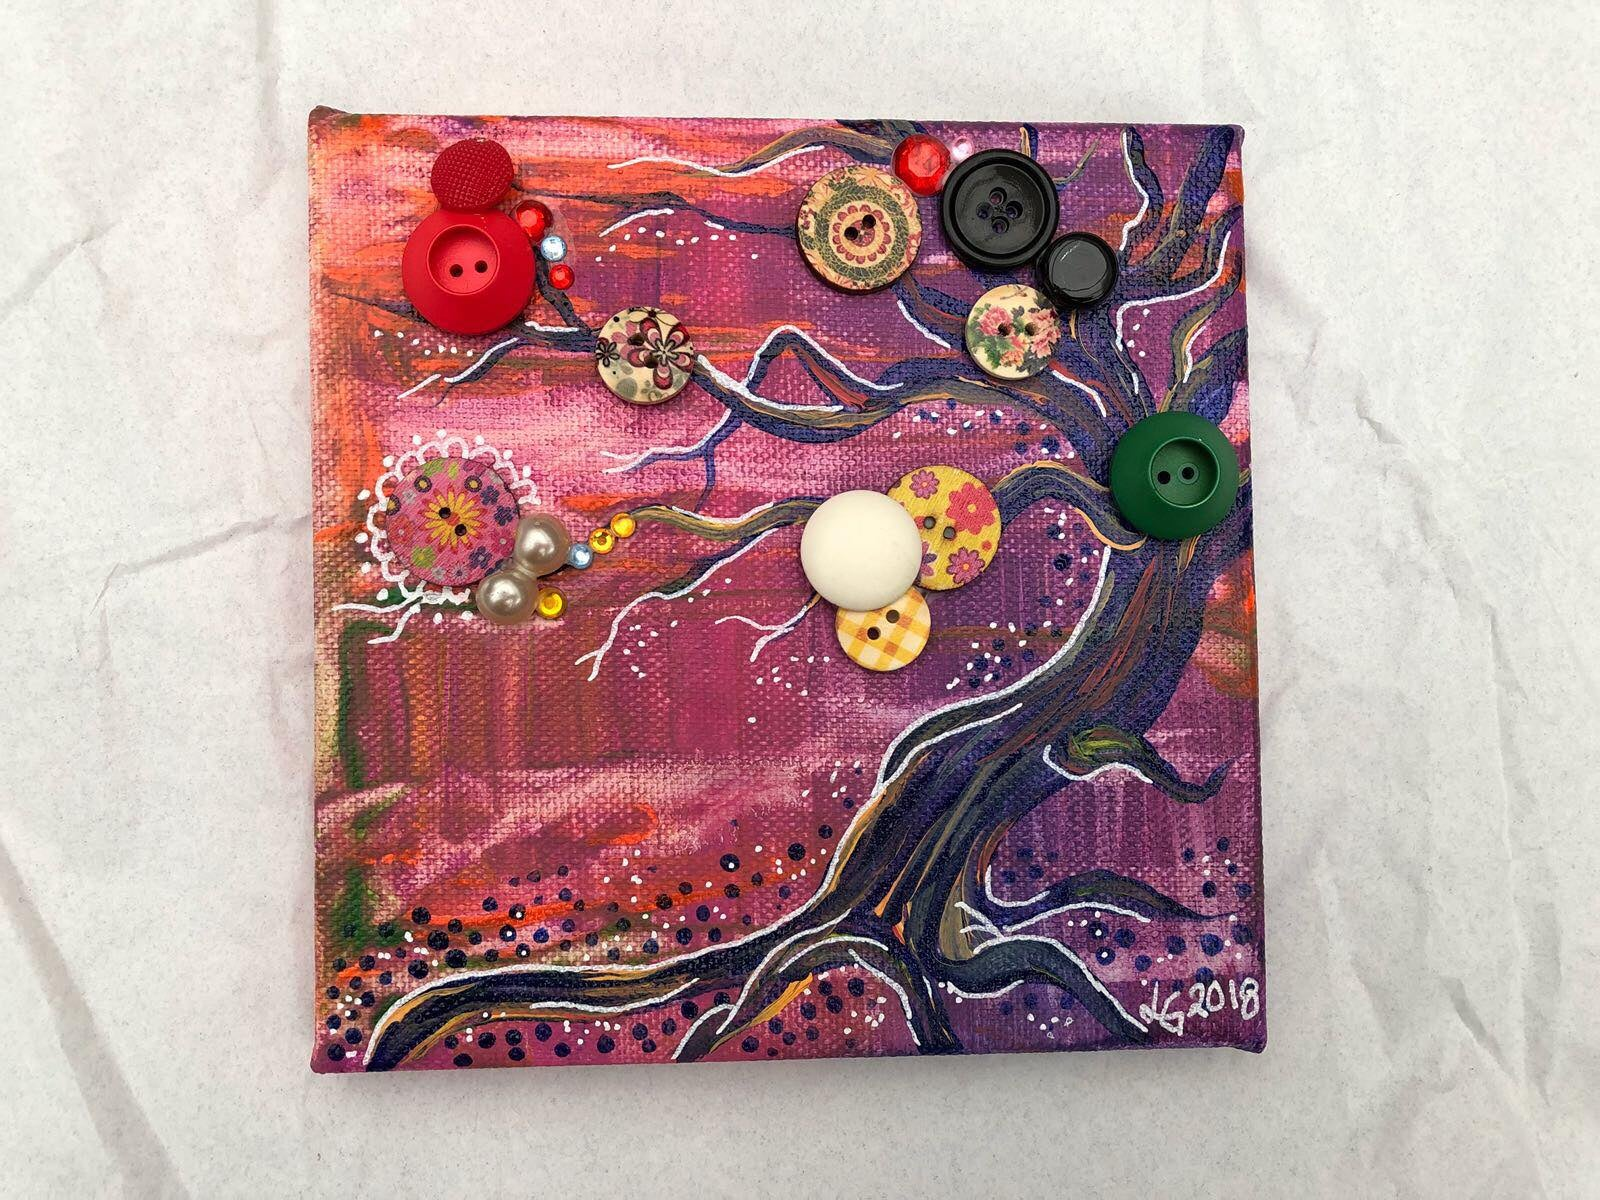 Konstnären Linda Gartman har skapat en canvas tavla med knappar på ett vackert stort träd. Färgerna är i grått och cerise toner.